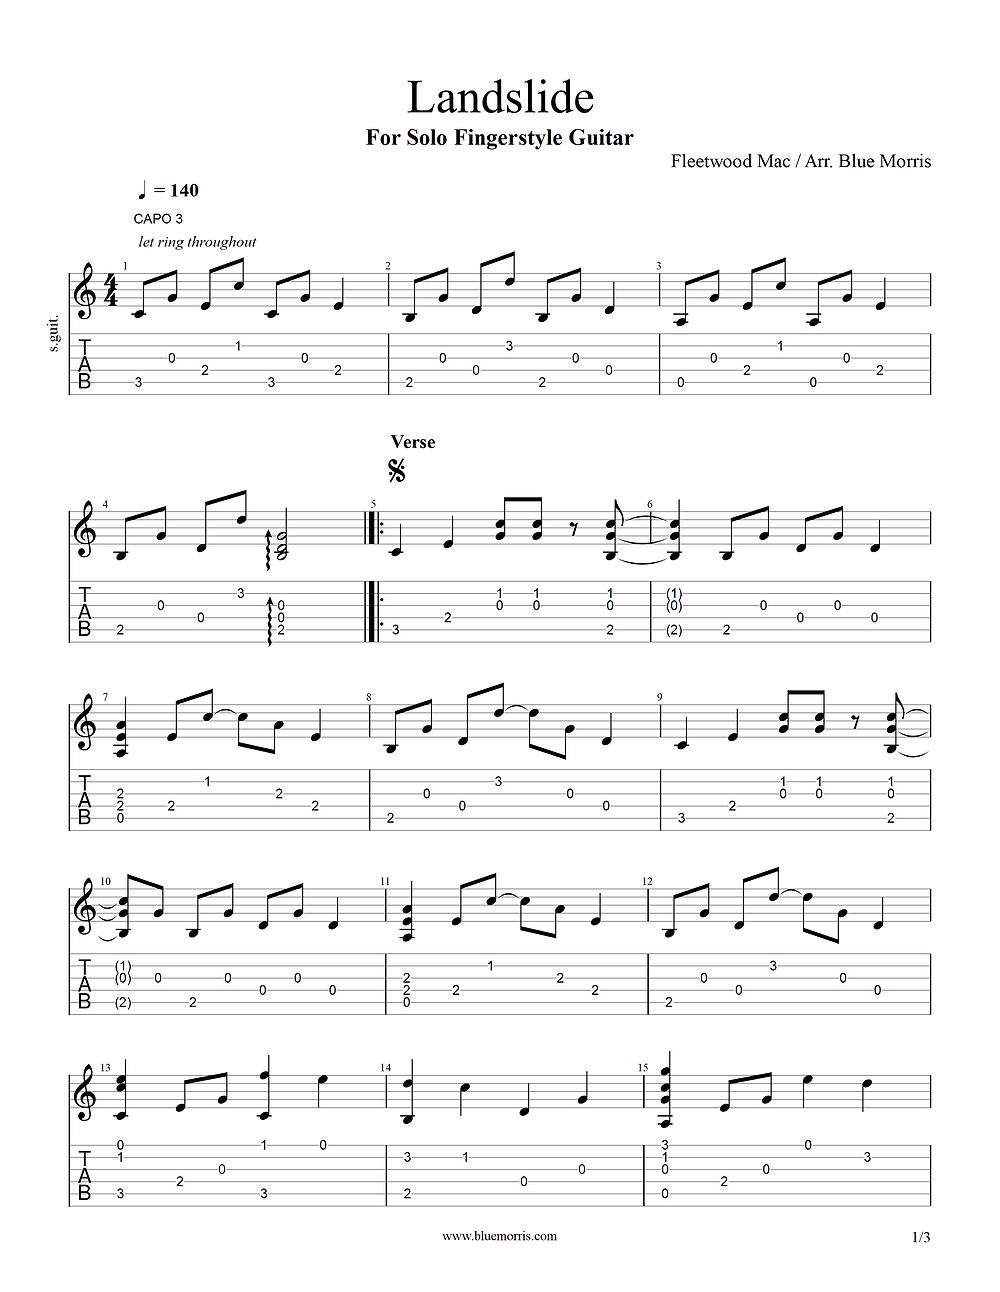 Landslide guitar tab arrangement page 1